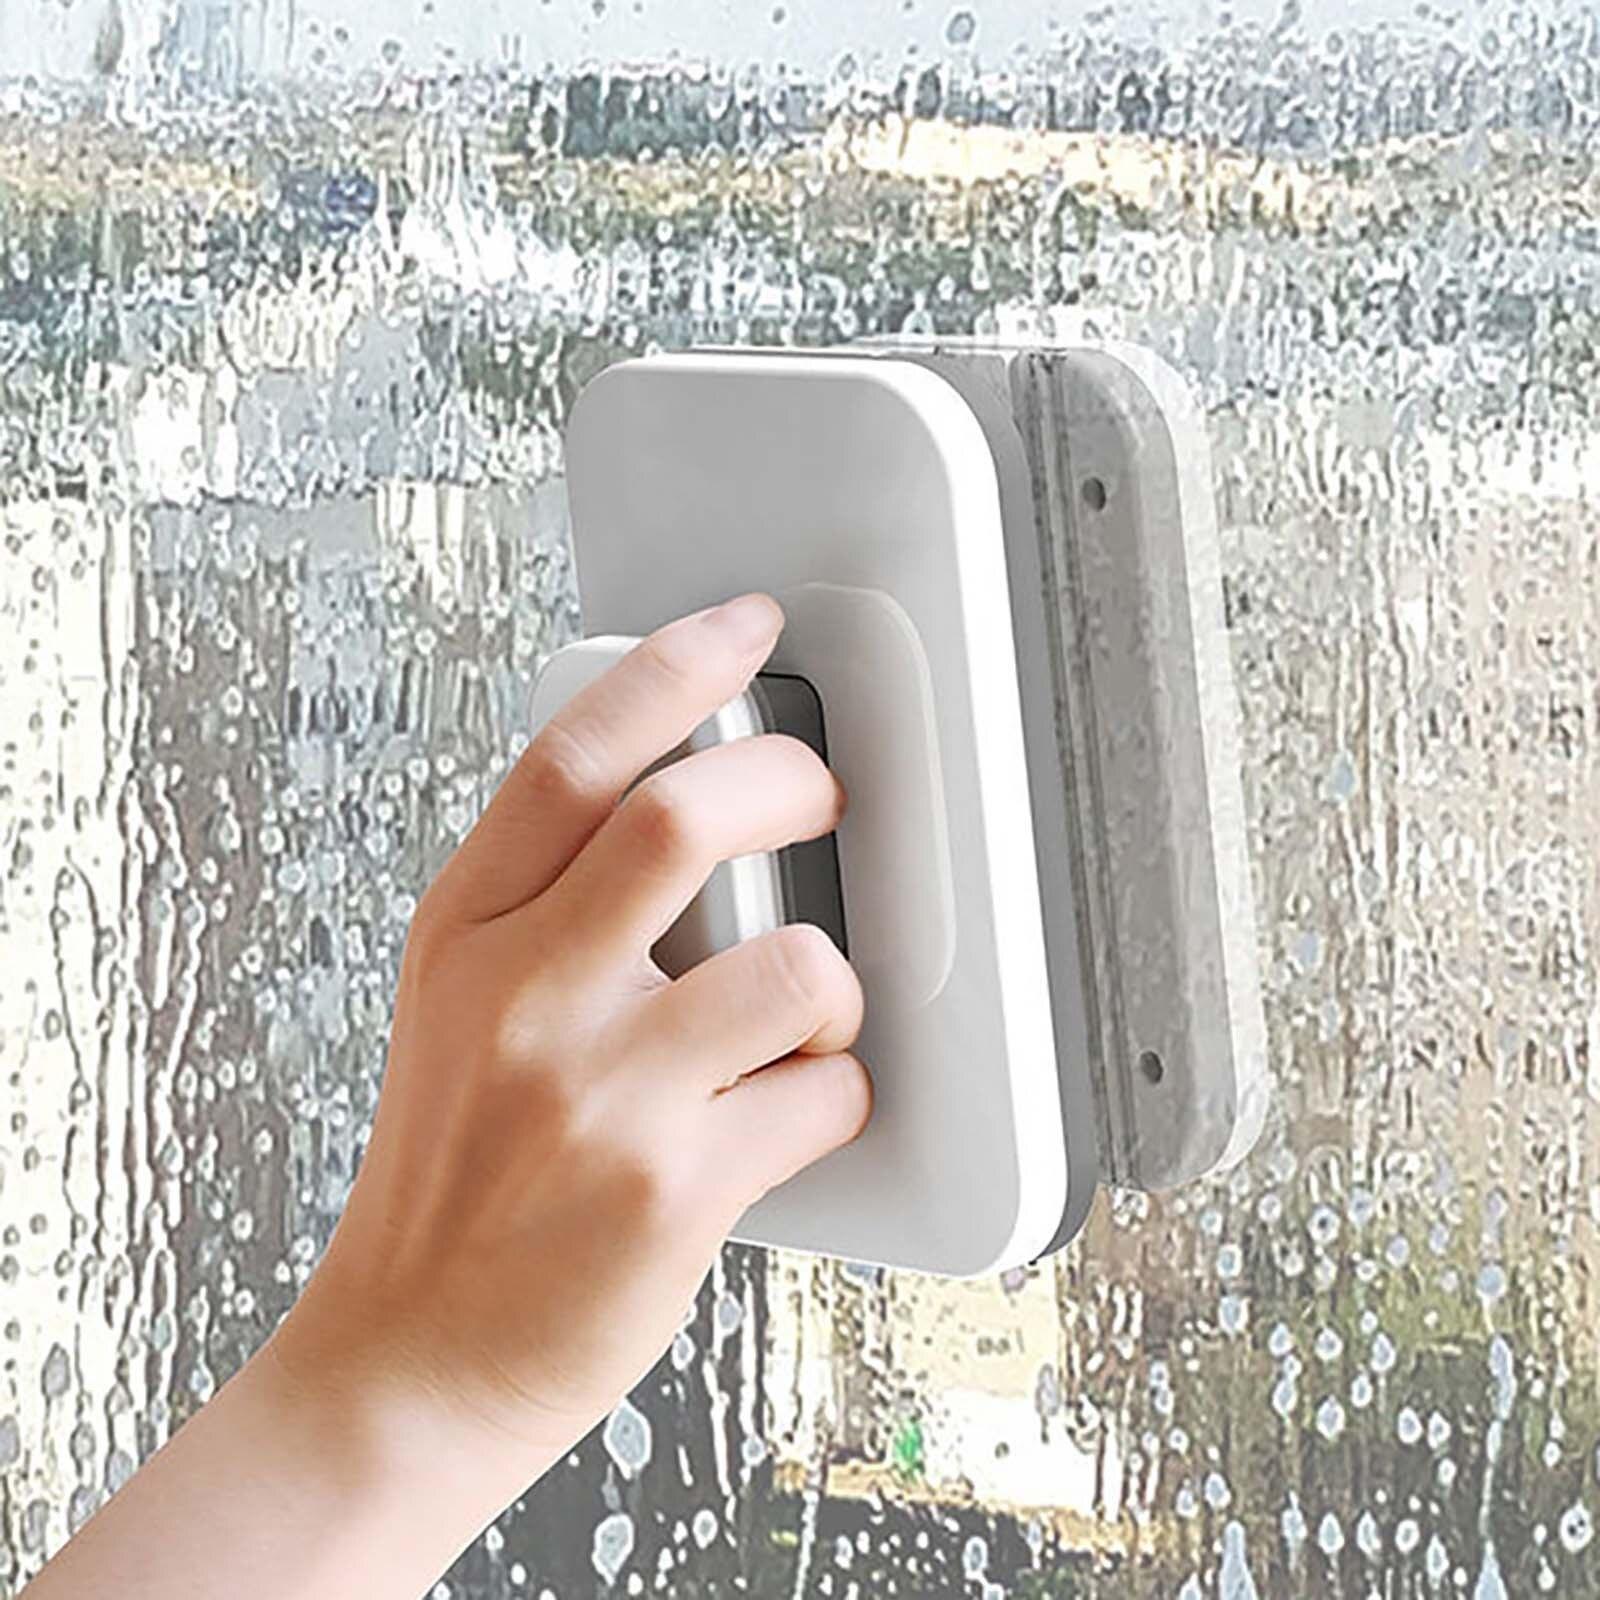 Limpiador de vidrio con ventana magnética, cepillo de limpieza lateral doble, cepillo para lavar ventanas, accesorios de herramientas de limpieza del hogar